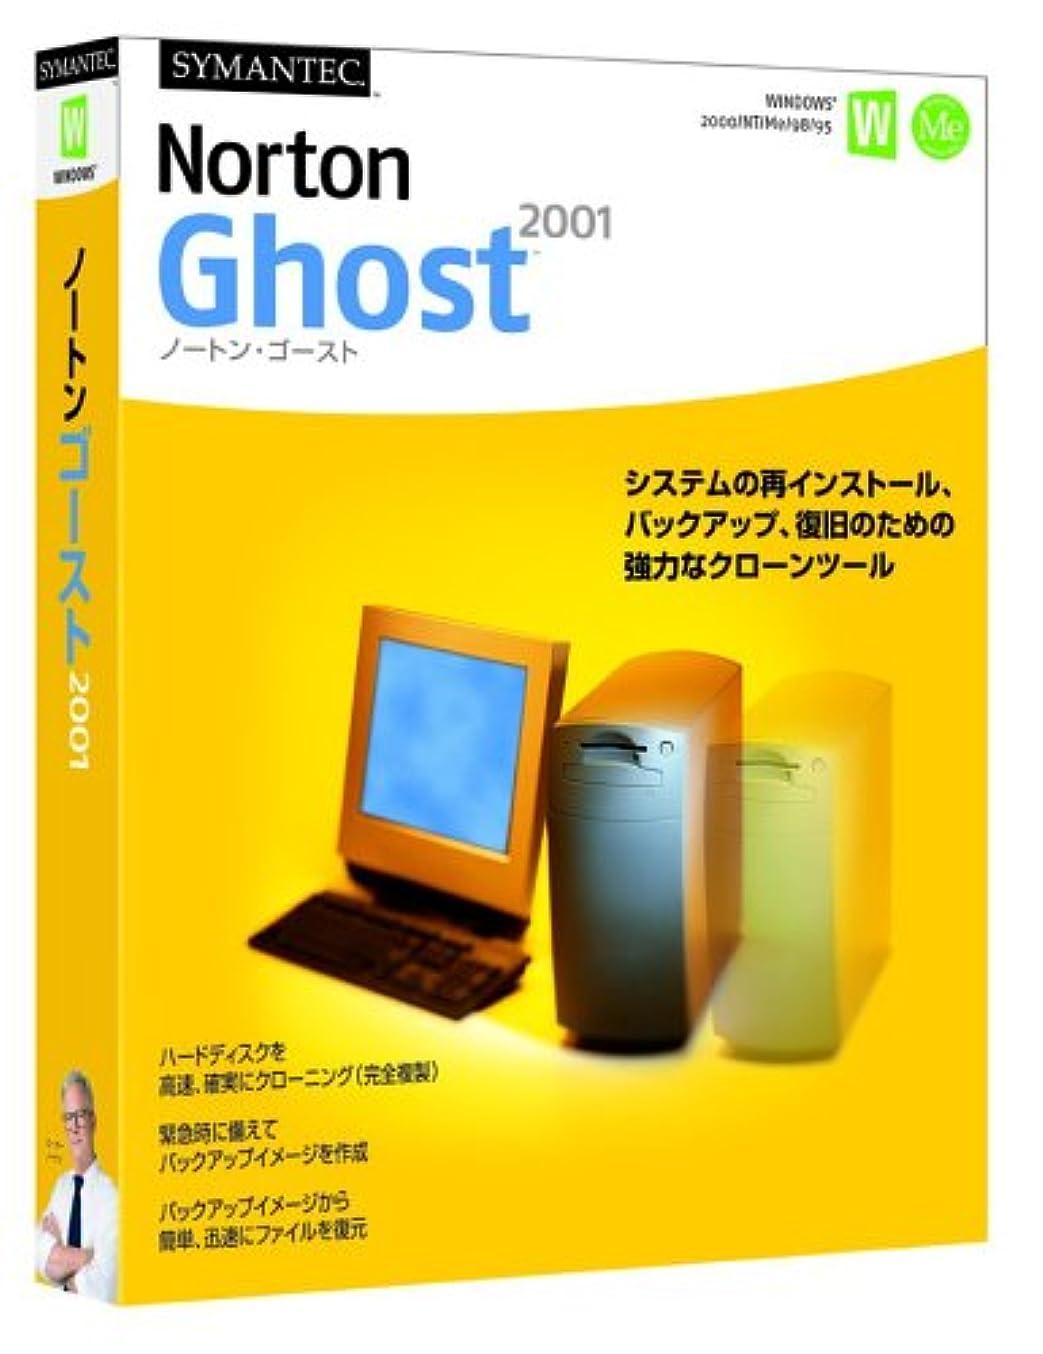 【旧商品】ノートン?ゴースト 2001